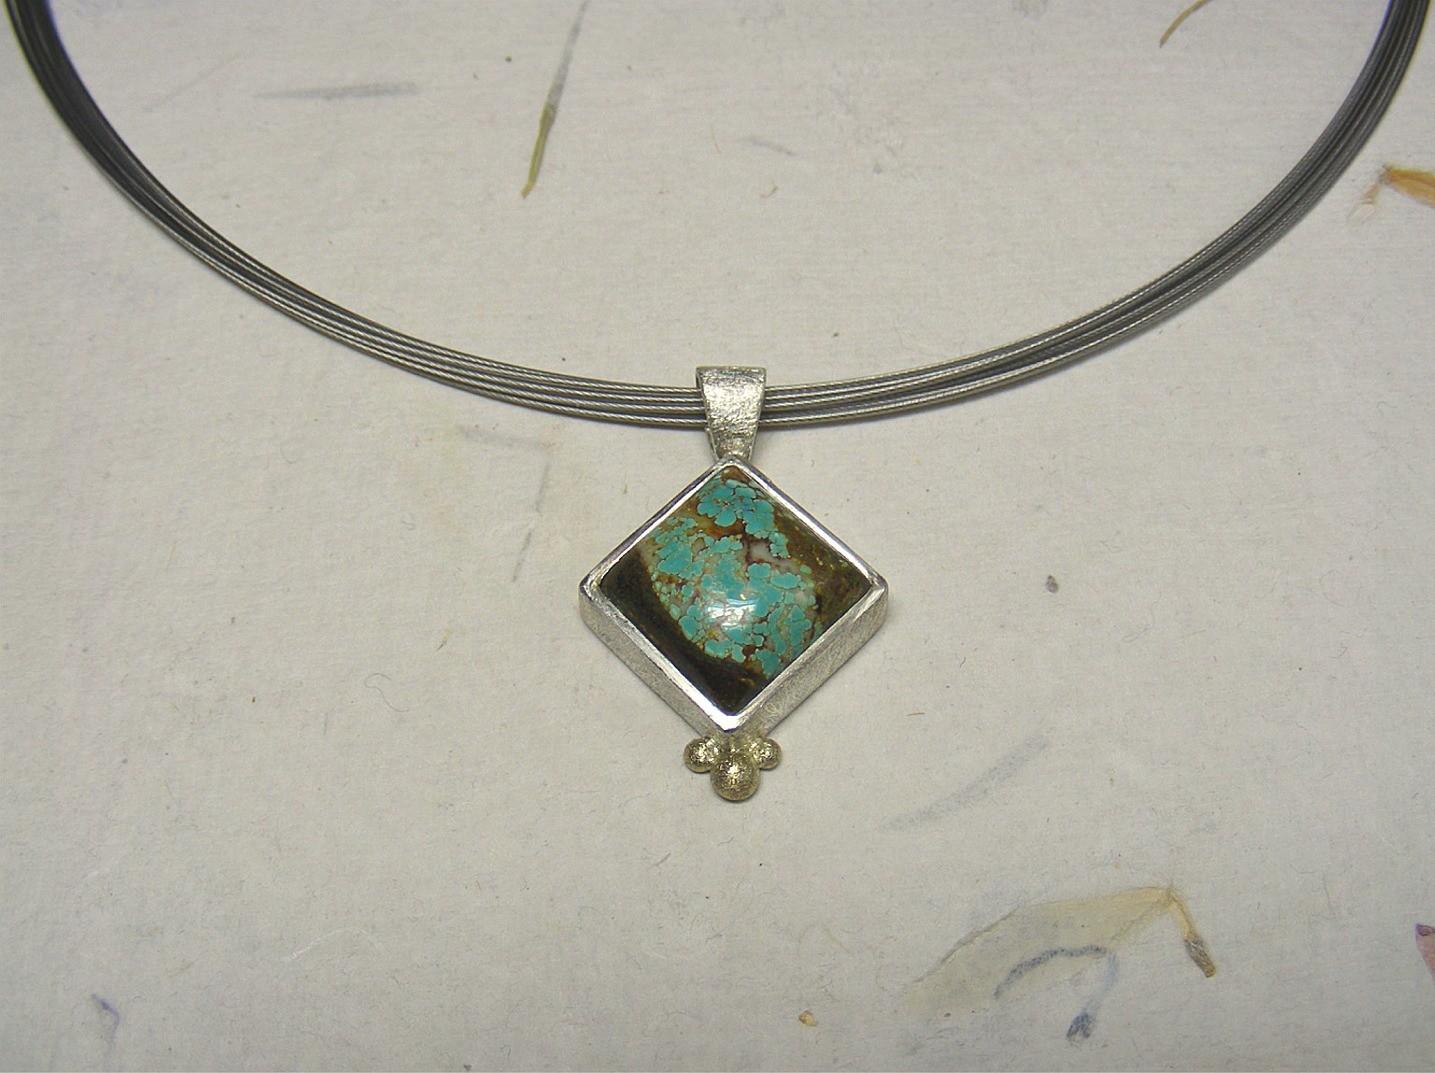 zilver, 14kt geelgoud en turquoise (Tibet) €130 (inclusief spang), te koop